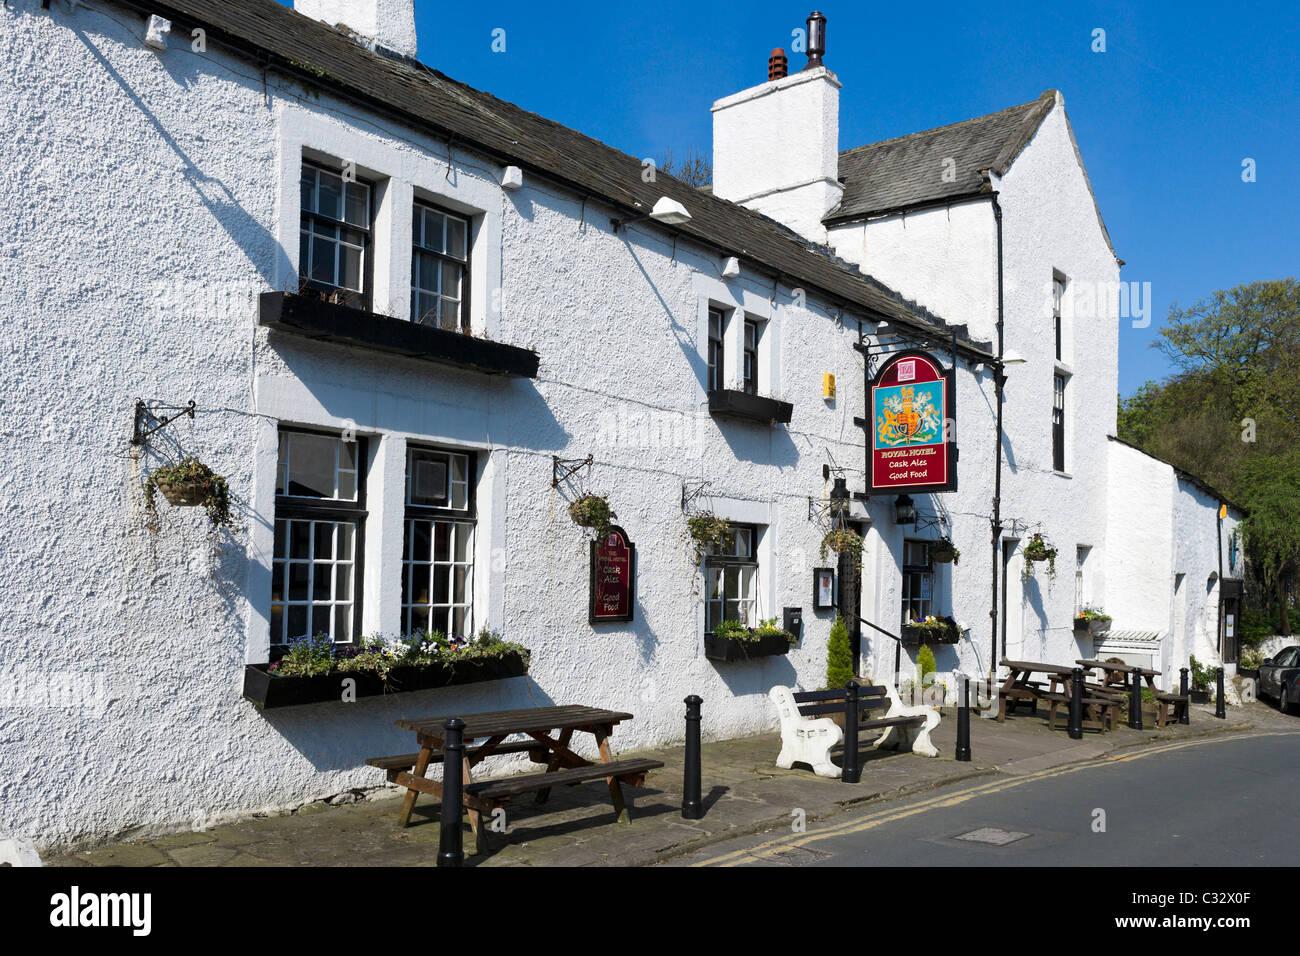 The Royal Hotel country pub and hotel in Heysham Village, near Morecambe, Lancashire, UK - Stock Image